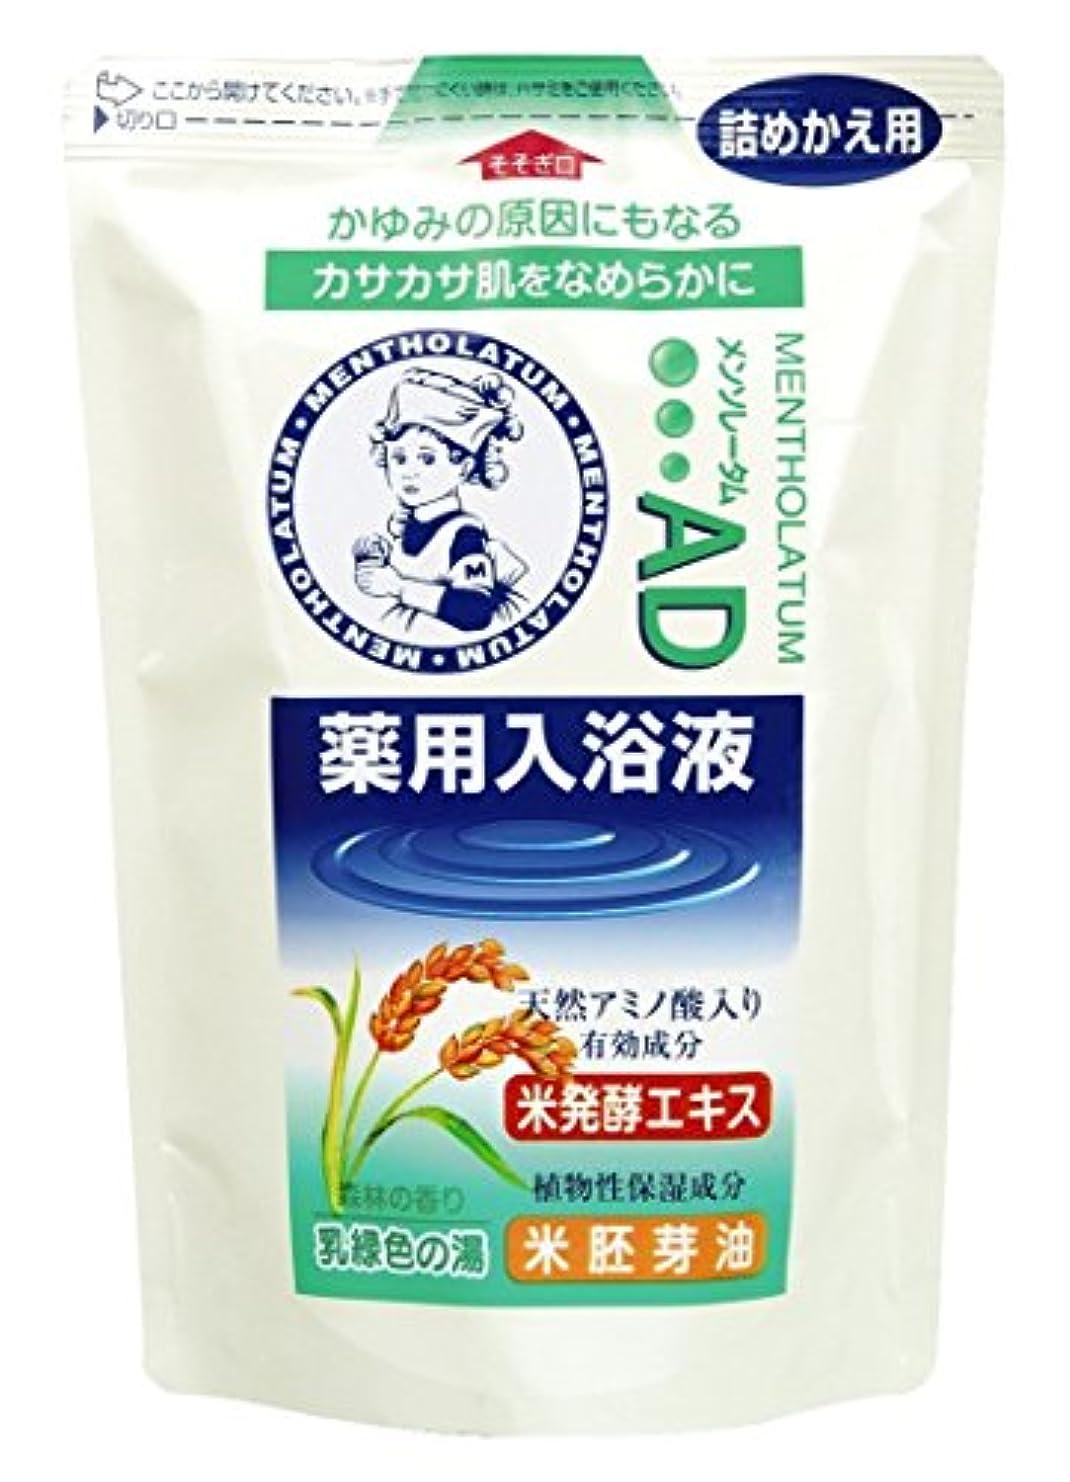 衣服確執アリスメンソレータムAD薬用入浴液 やすらぐ森林の香り(詰替用) 600ml